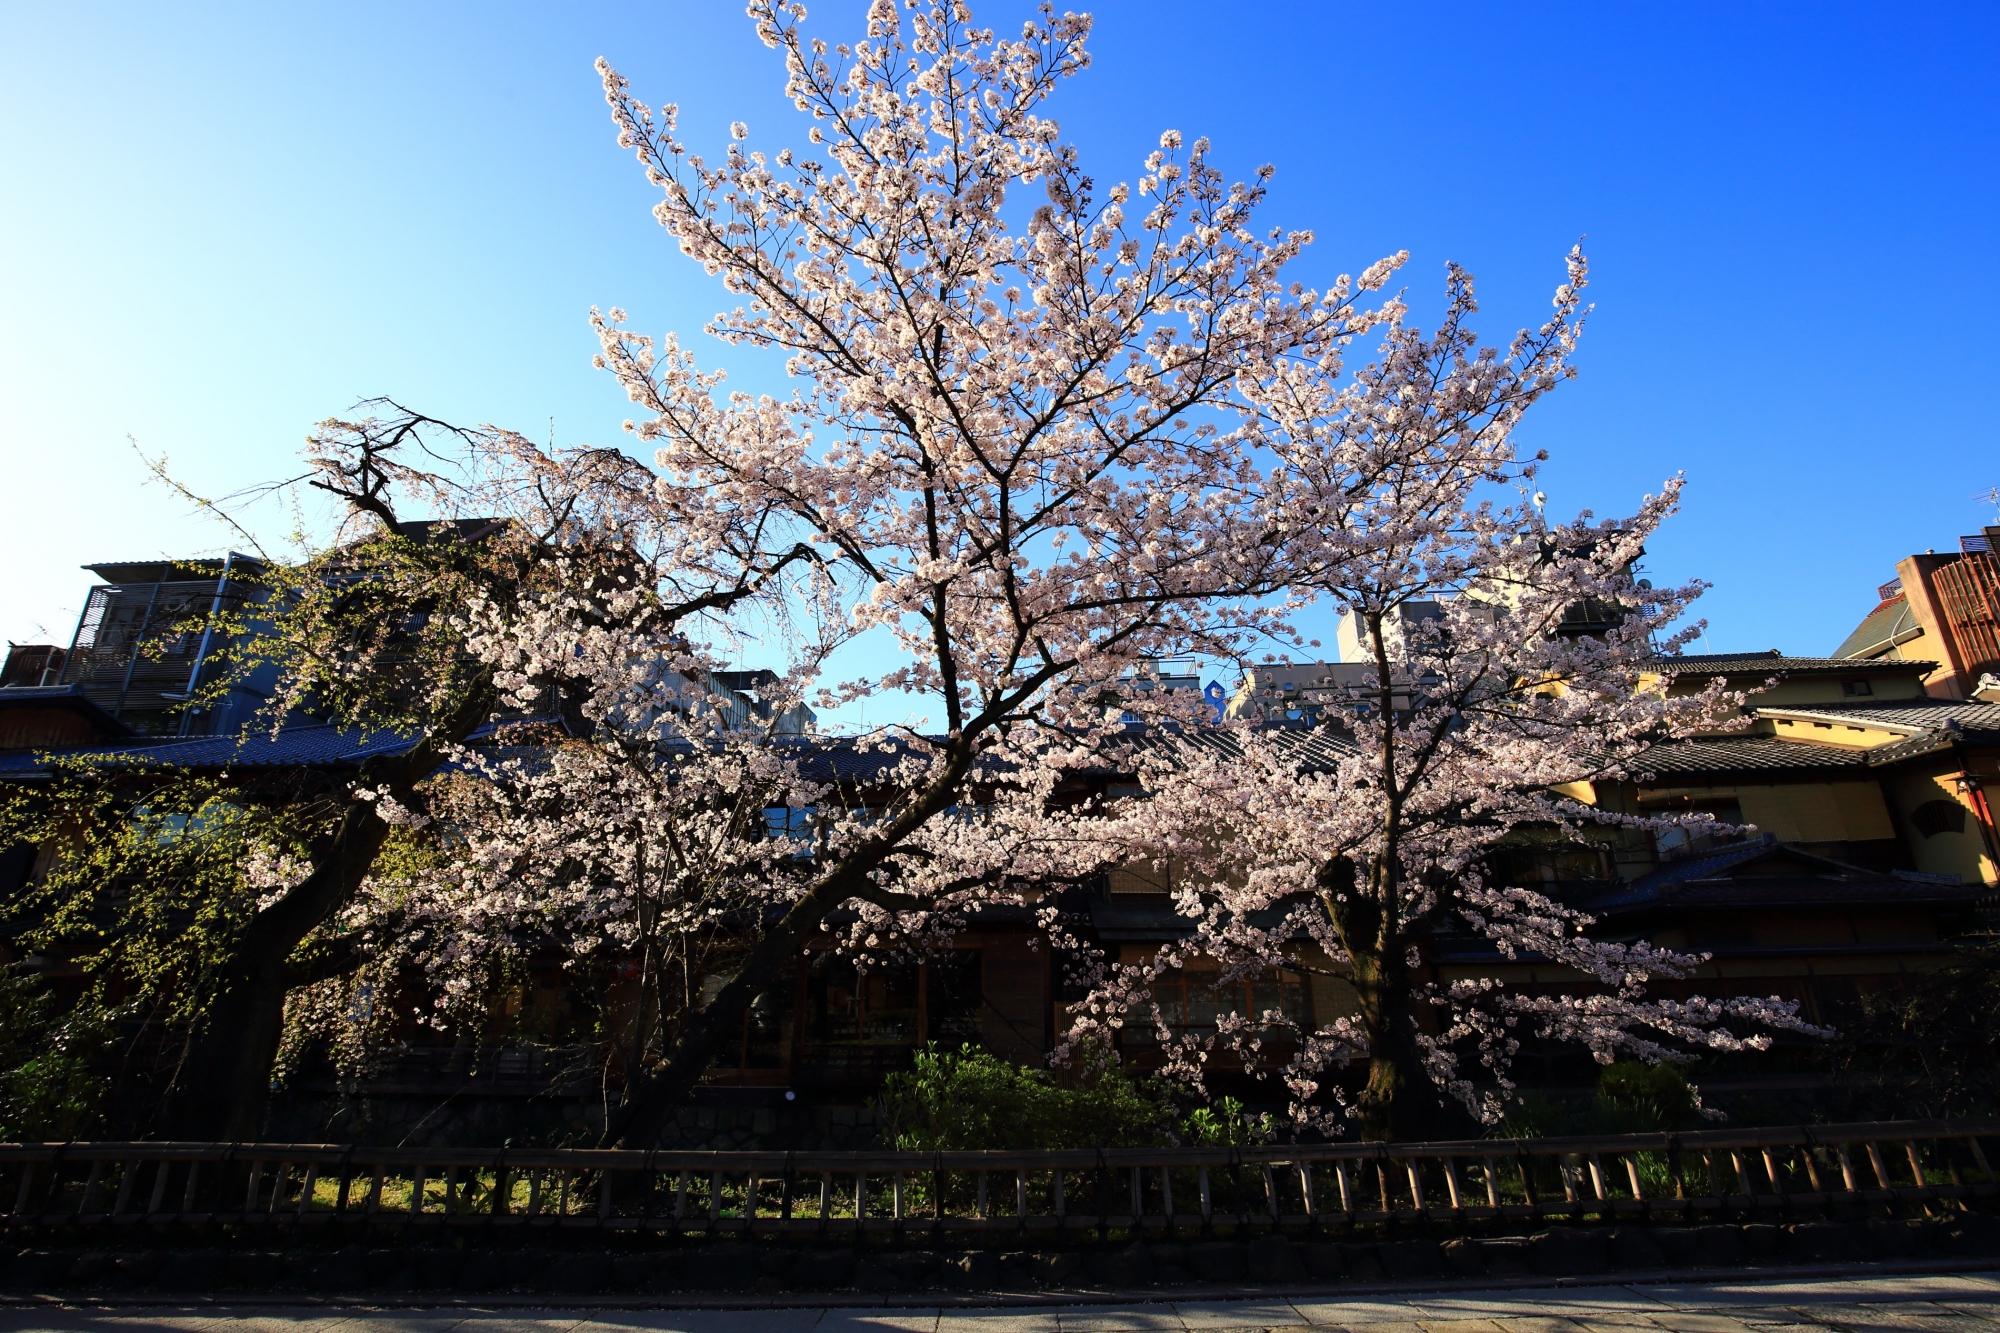 大和大路通を東へ少し入ったあたりの青空に向かって咲き誇る見事な桜